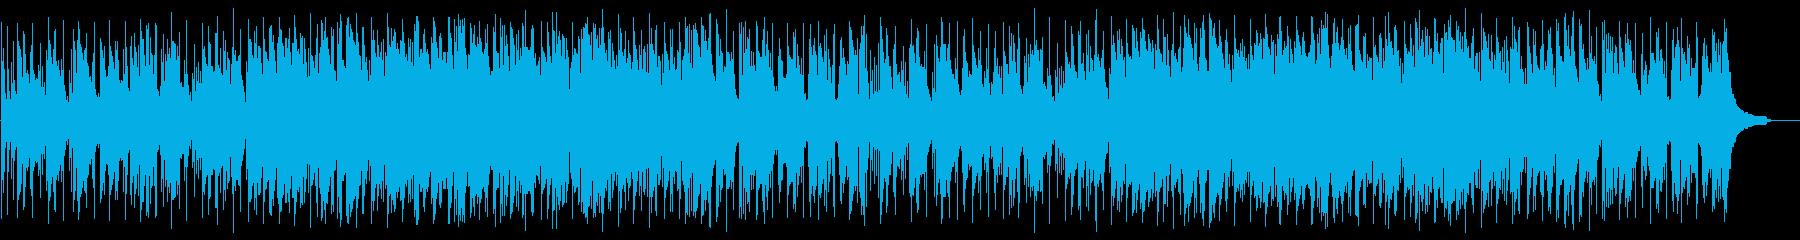 しっとりとしたバラード調の曲の再生済みの波形